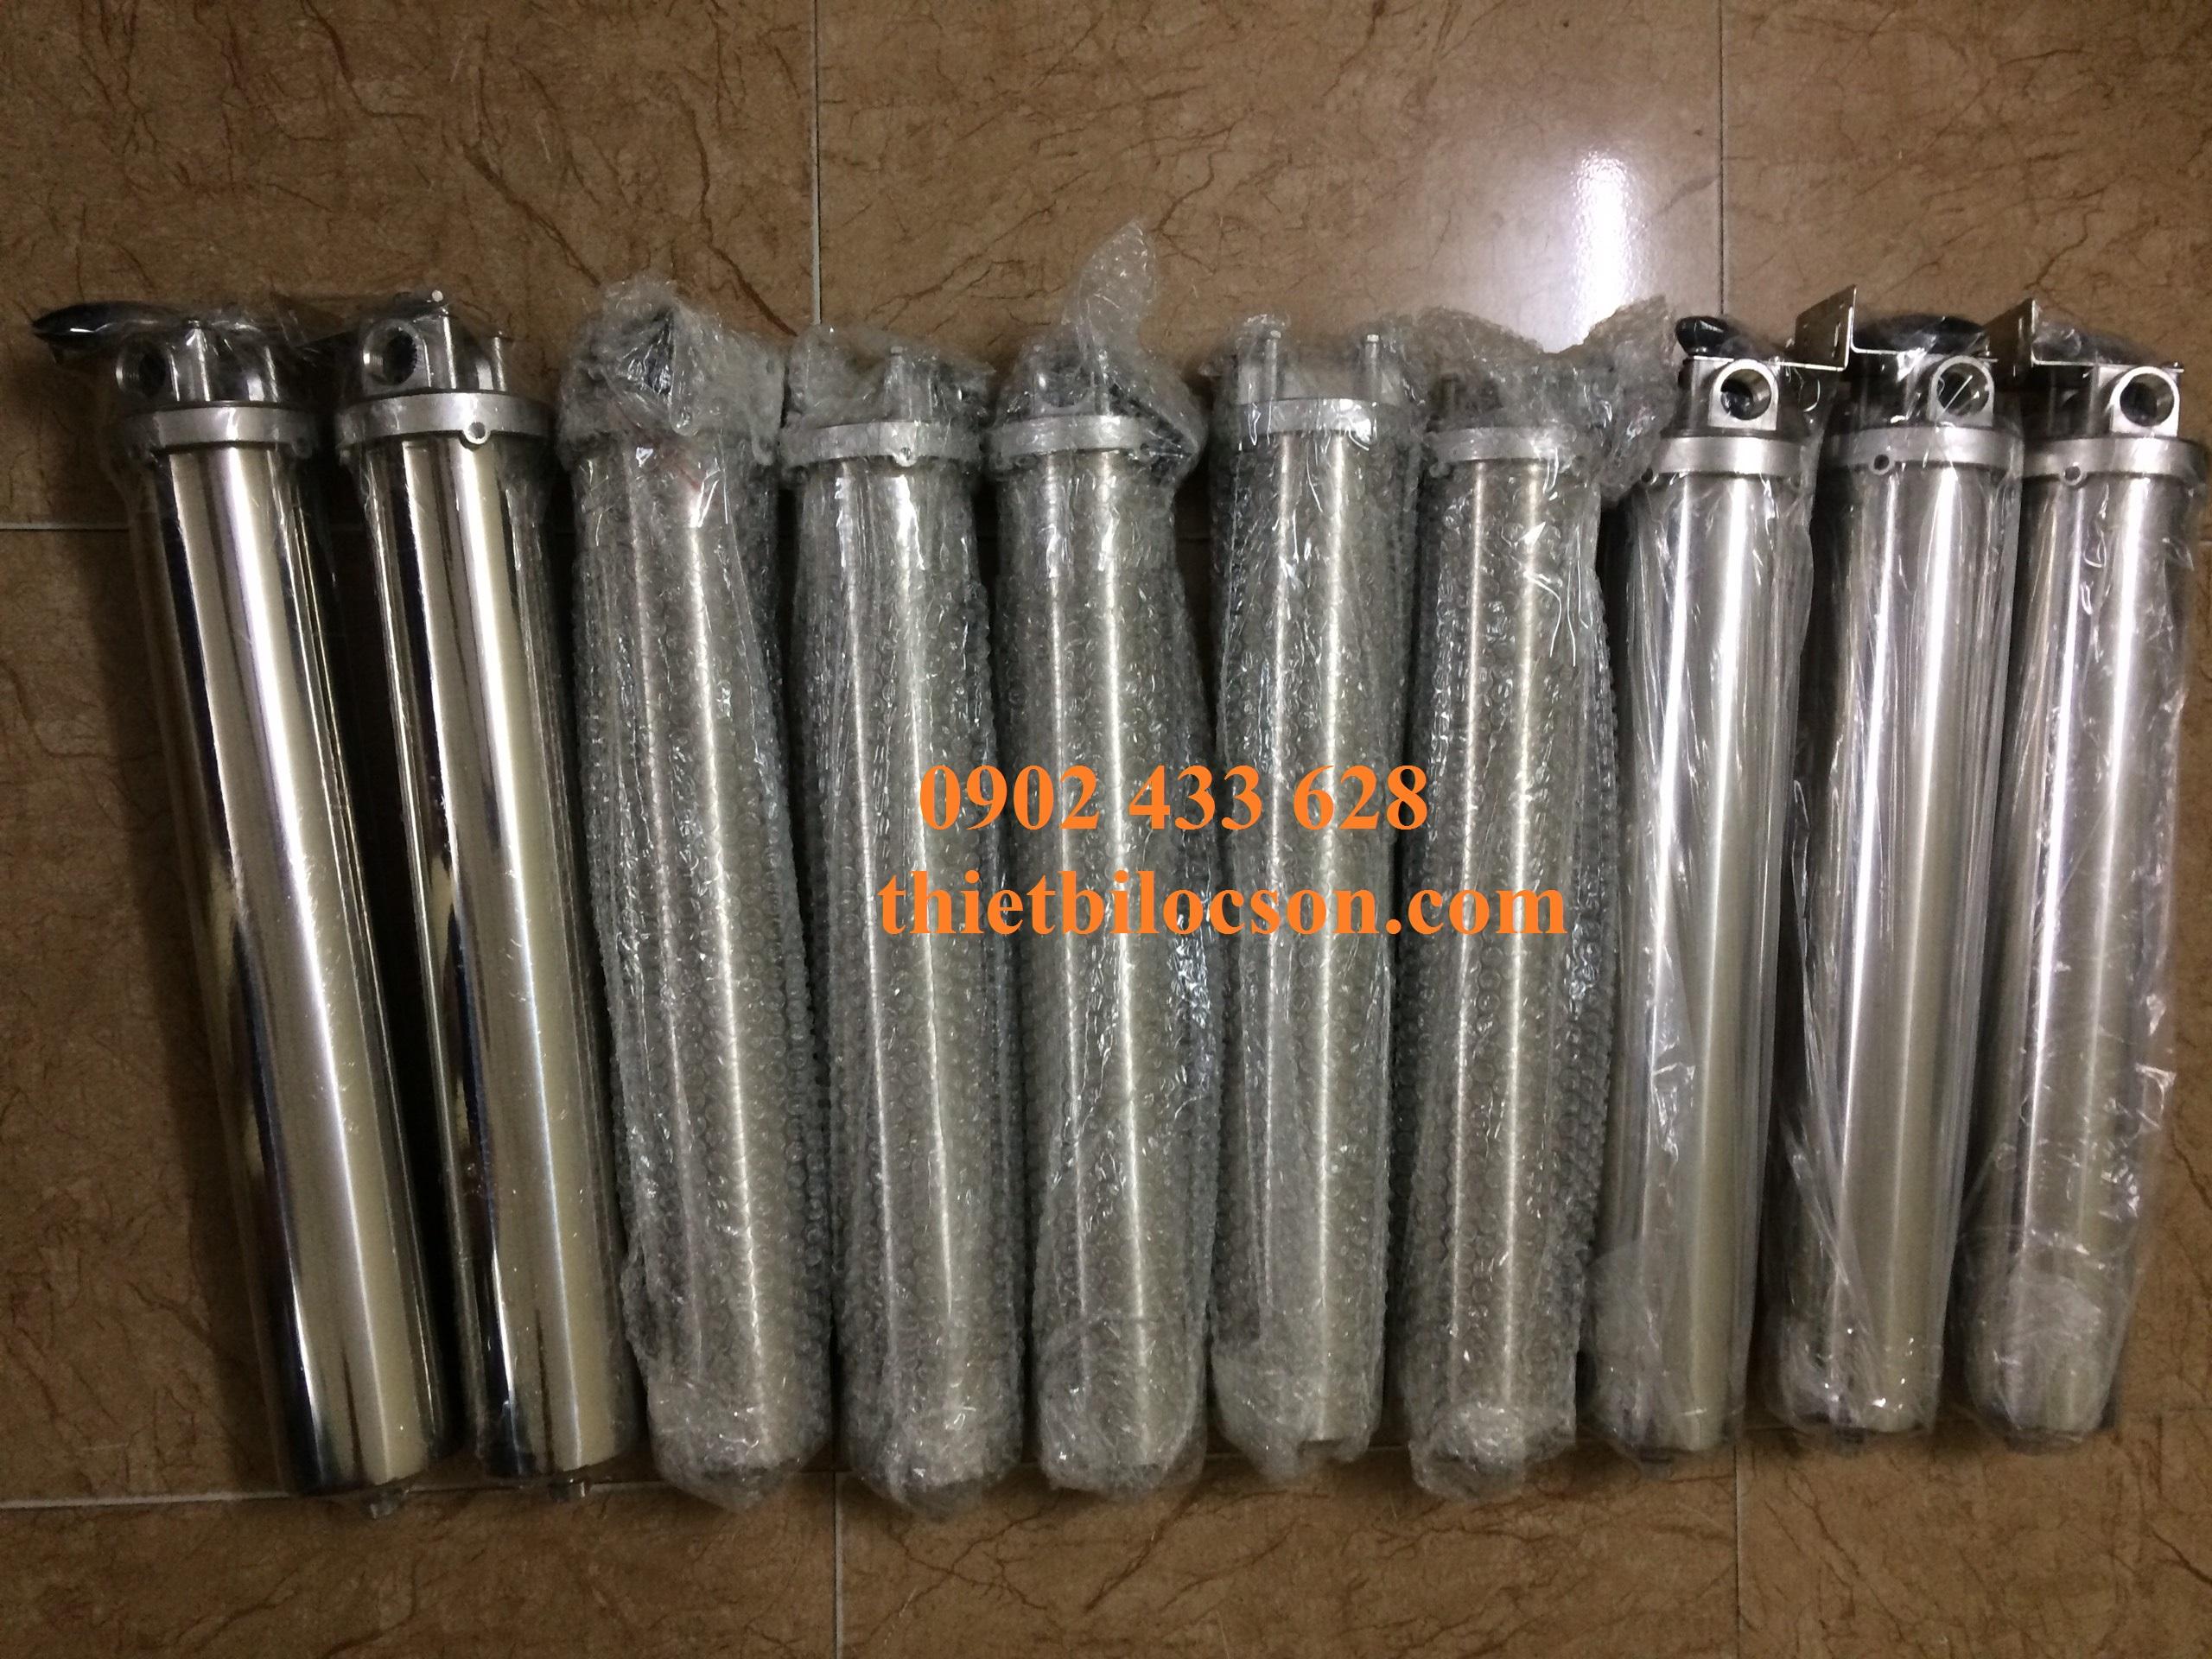 Ly lọc 1 lõi 20 inch chất liệu inox 304